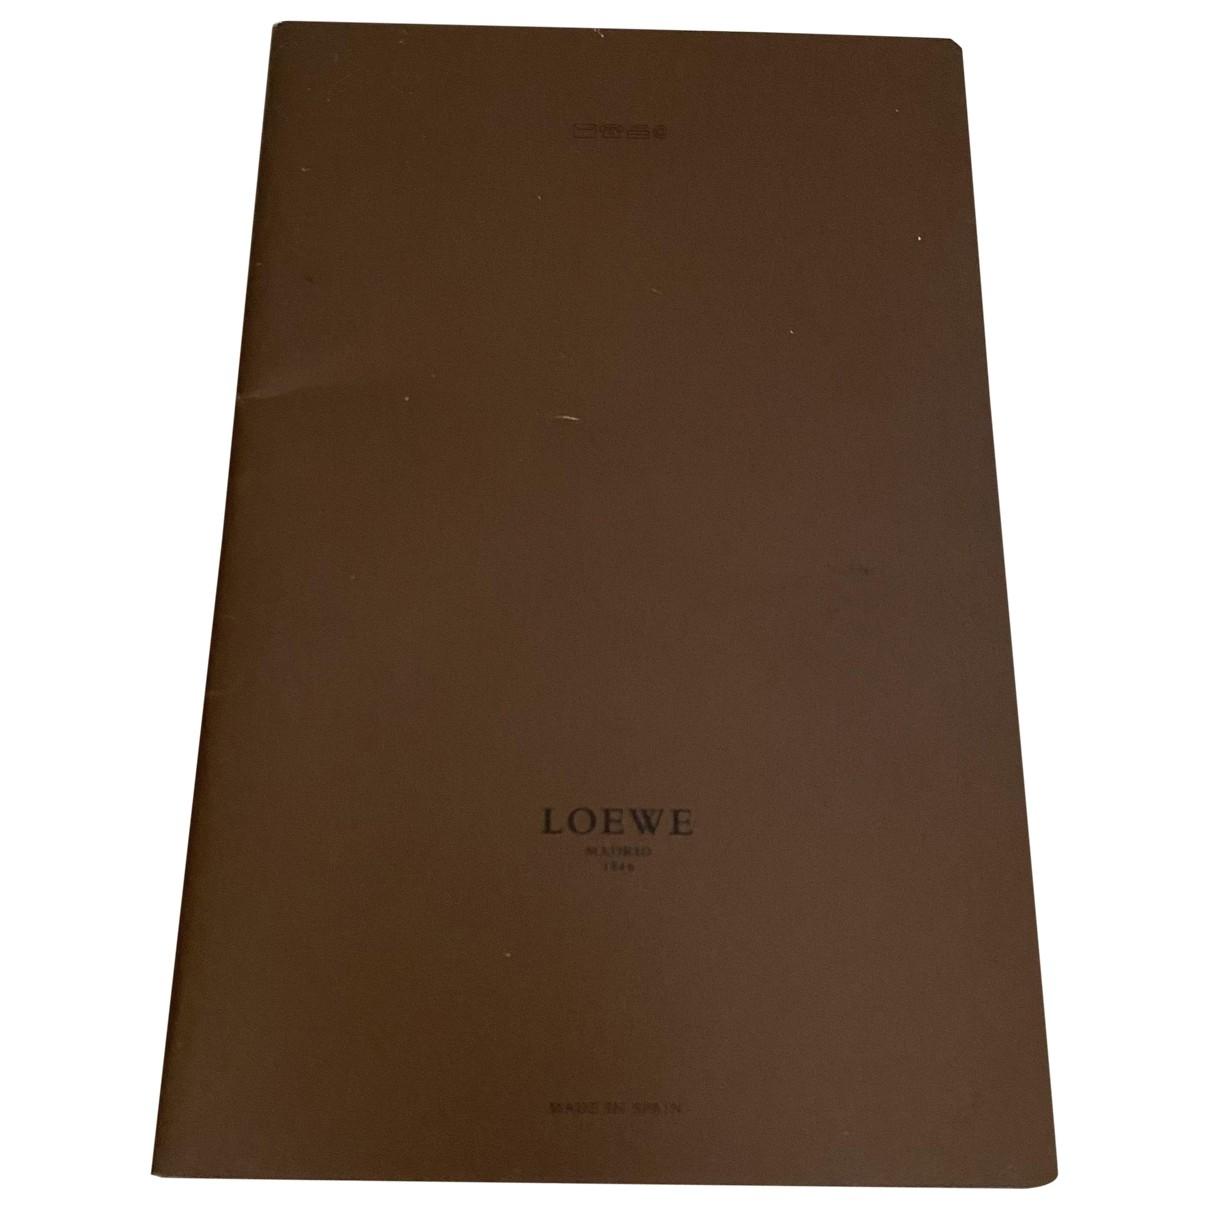 Loewe - Objets & Deco   pour lifestyle en coton - marron